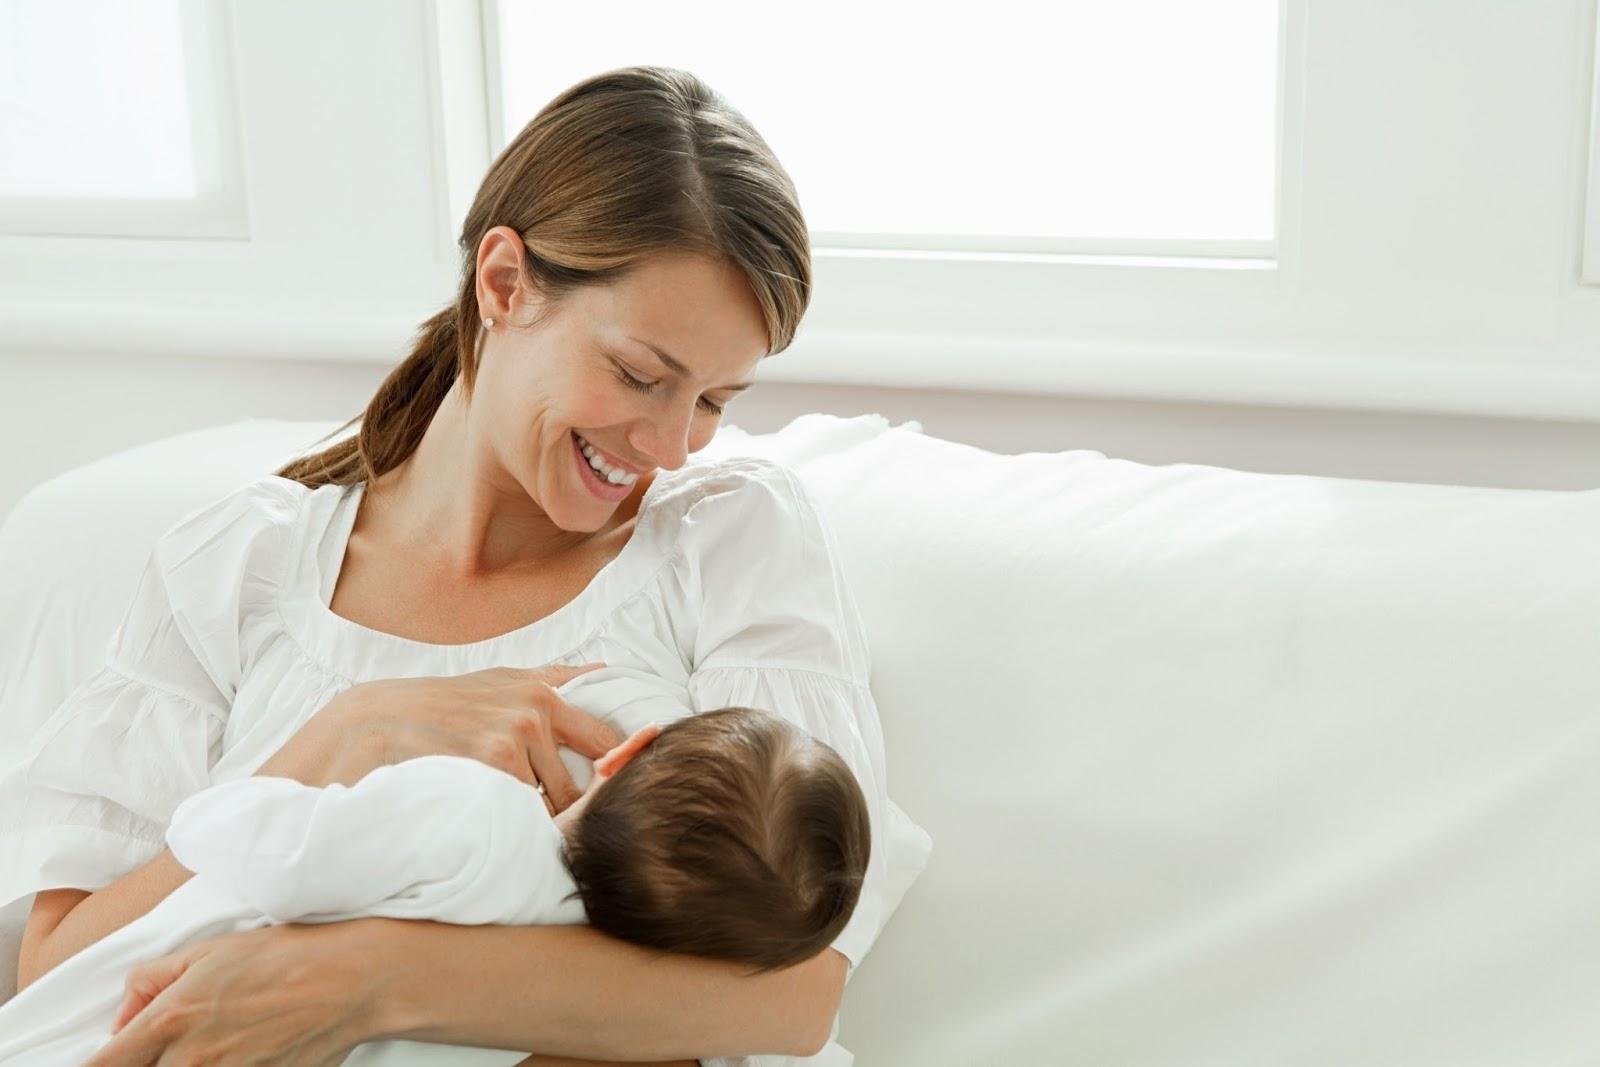 بالصور علاج هرمون الحليب , اسباب وطرق علاج هرمون الحليب 4148 2